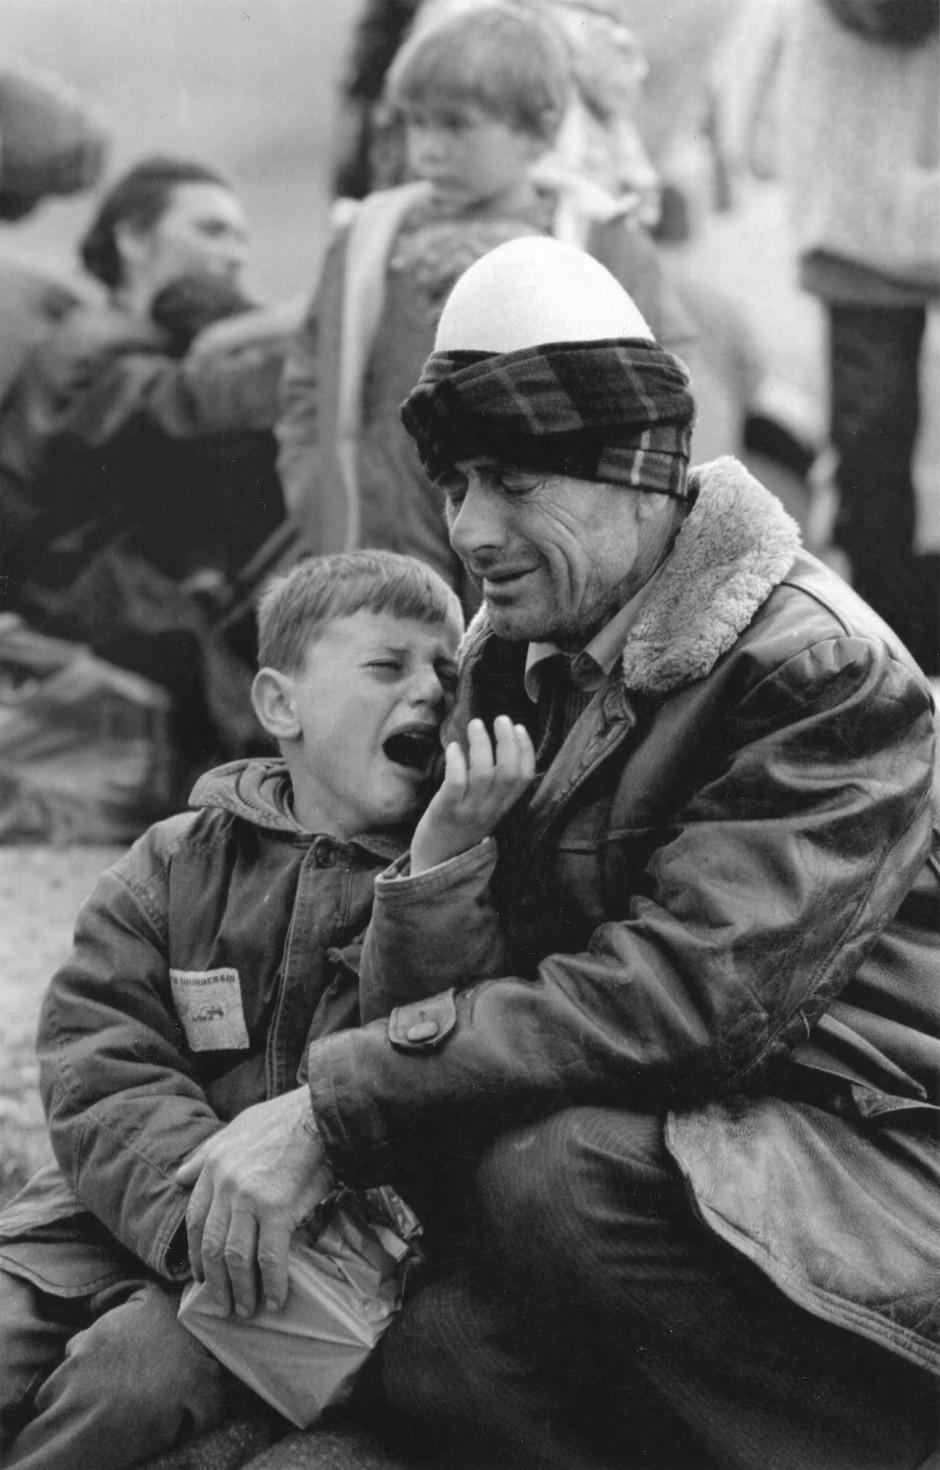 April 1999: Von der Flucht aus der alten Heimat zermürbt - ein Vater und sein weinender Sohn im albanischen Morina, unweit von Prizren.